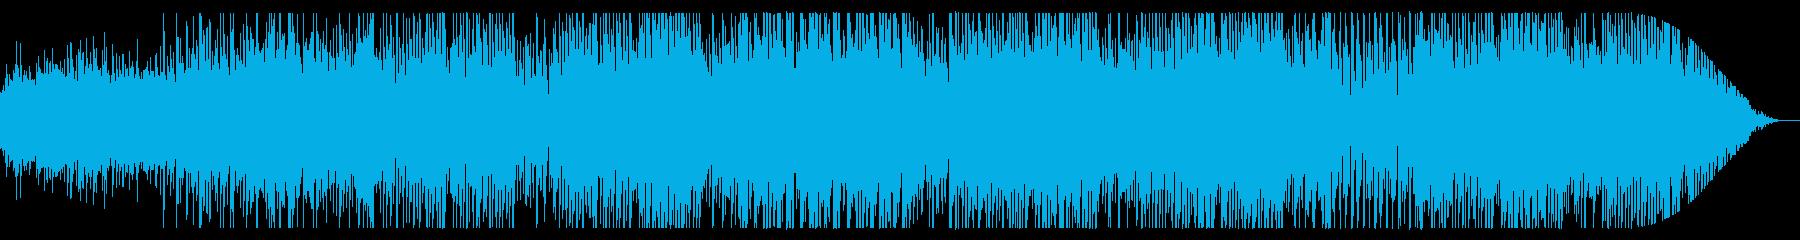 うきうき気分なアコースティック曲の再生済みの波形